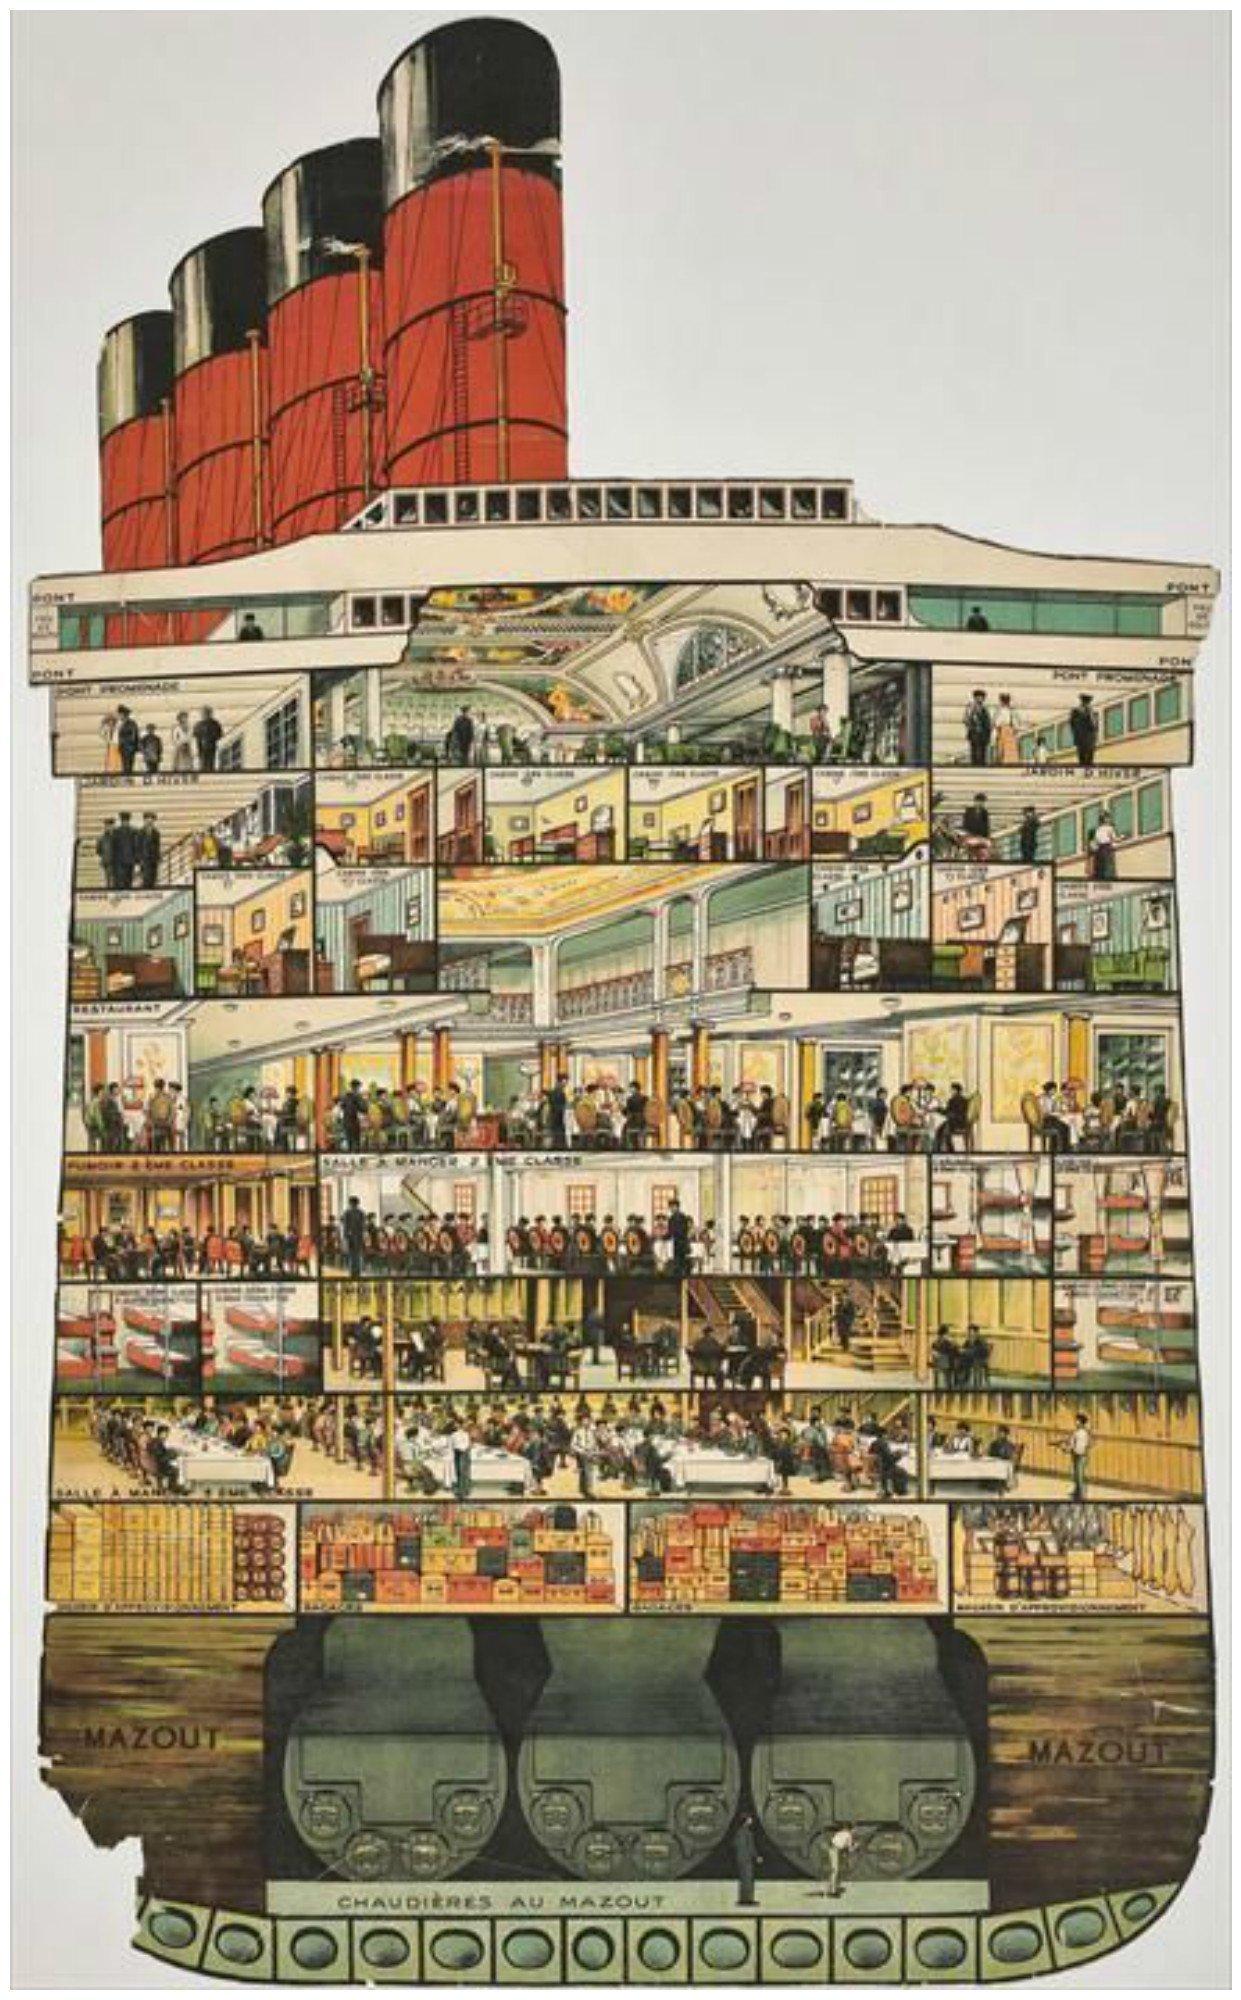 Пароходы в разрезе. Работы архитекторов Ле Корбюзье и Карла Бергштейна изнутри, интересно, как это сделано, познавательно, разрез